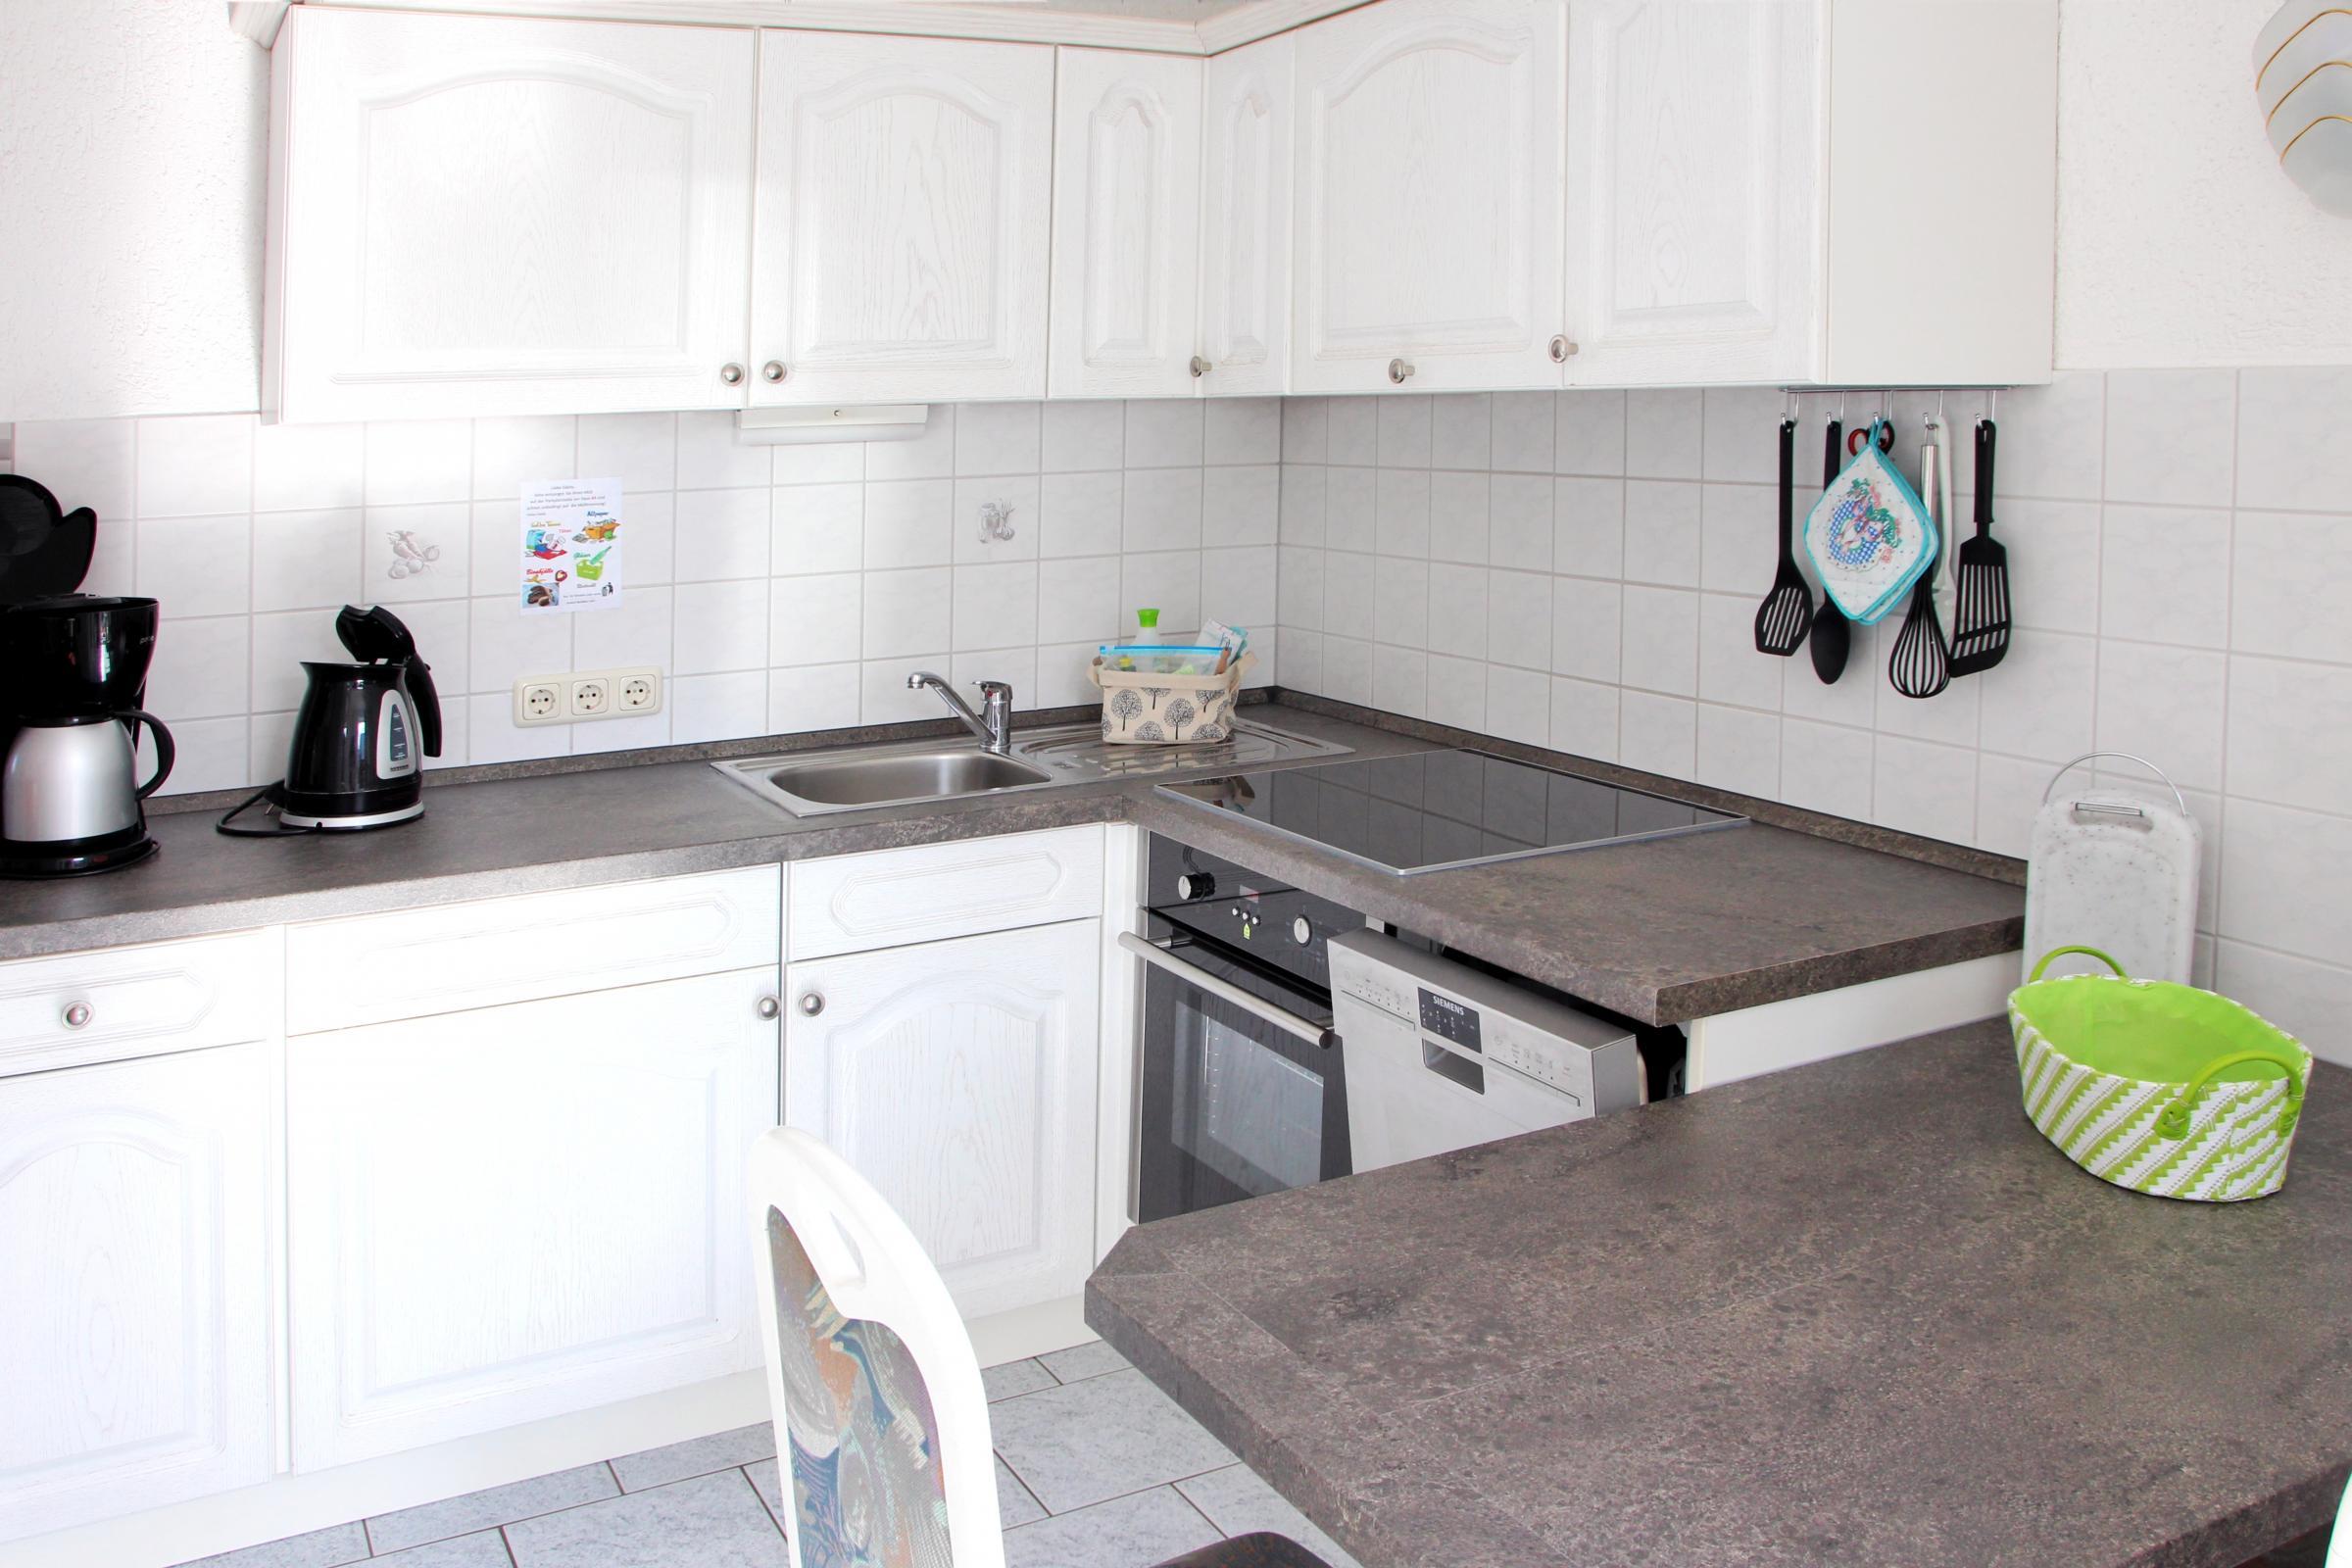 Neue Küche mit Geschirrspüler und Backofen / Induktionsherd